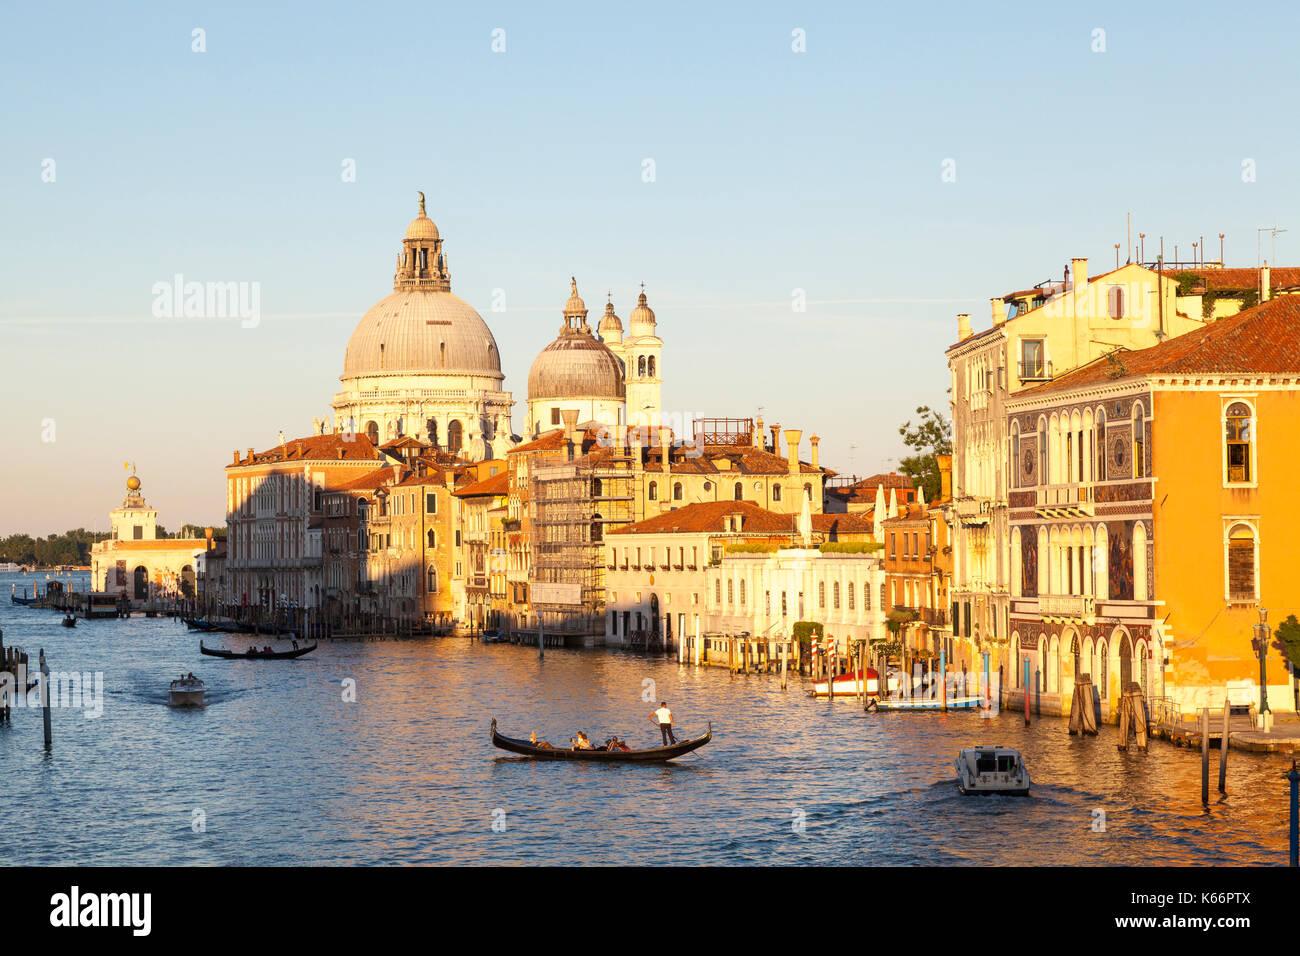 Tramonto sul Canal Grande e la Basilica di Santa Maria della Salute, Venezia, Italia con una gondola e barche sul canale. Caldo oro ore di luce. Immagini Stock